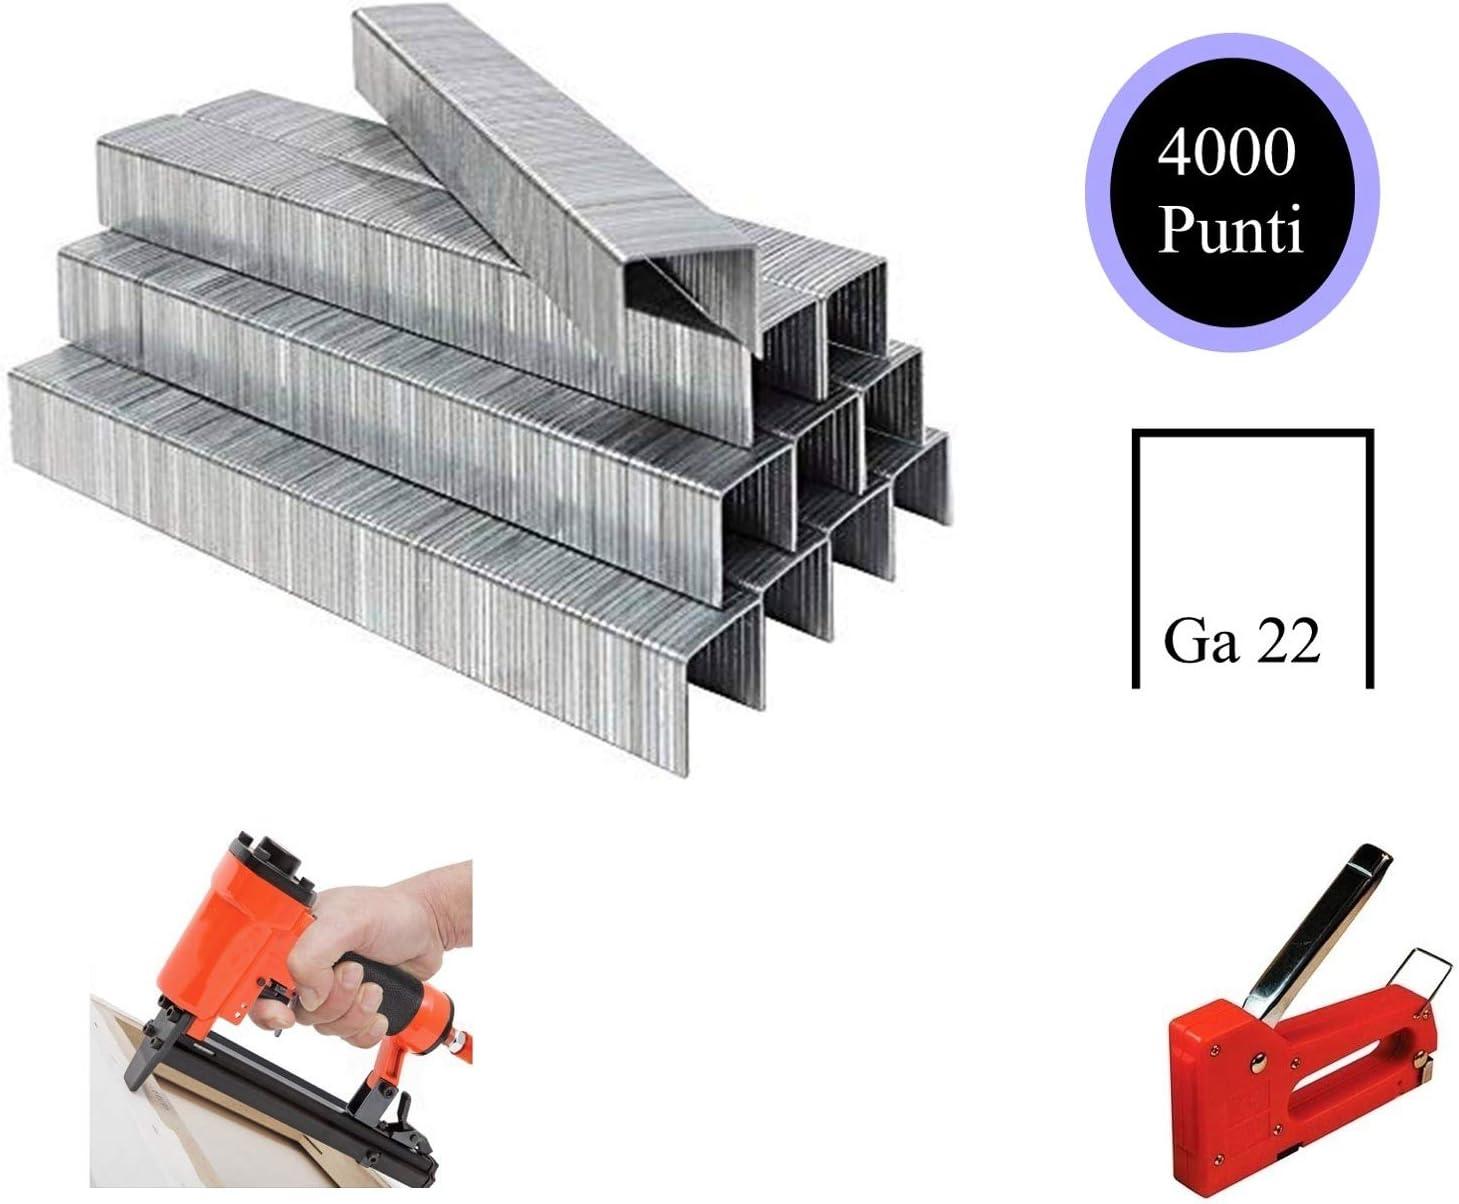 GA22, 12 MM Spillette punti metallici 4000 pezzi affilatura chimica